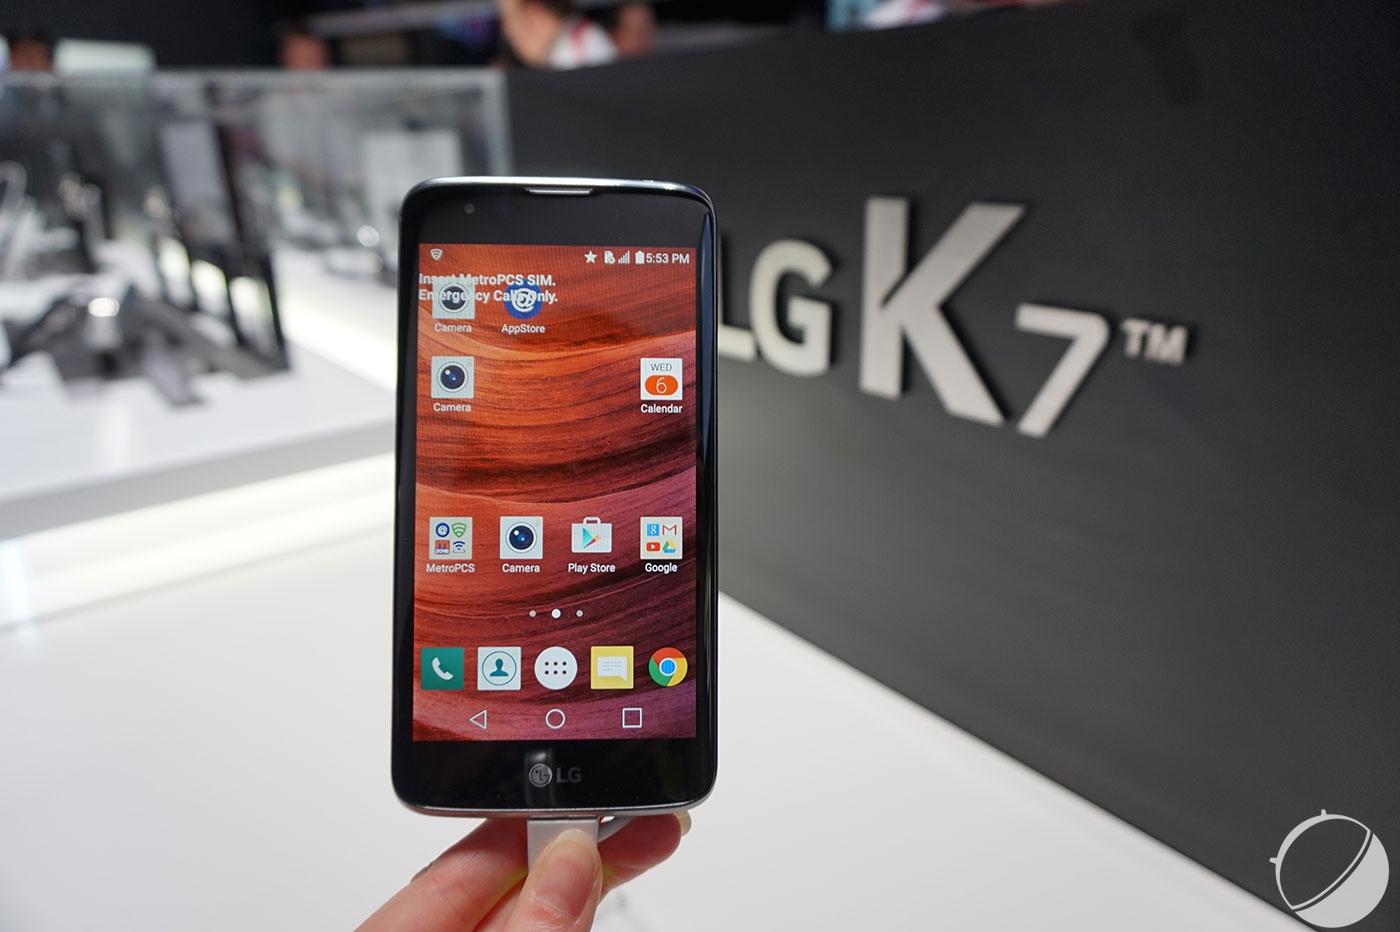 CES 2016 : LG K10 et K7, leurs prix et dates de sortie en France